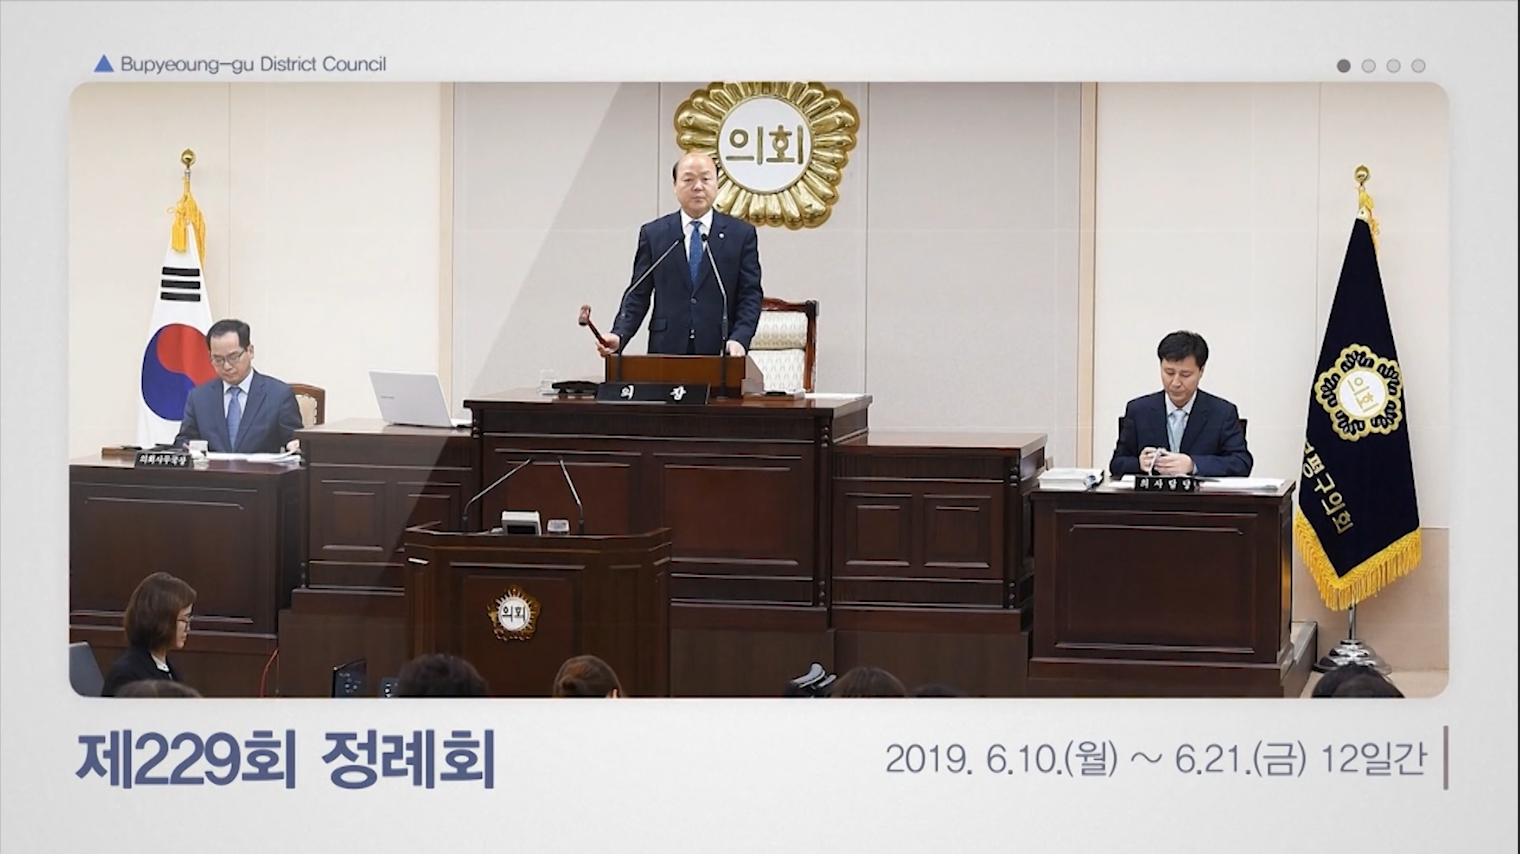 2019 의정돋보기 3회 <부평구의회 정례회 생방송 안내> 대표이미지